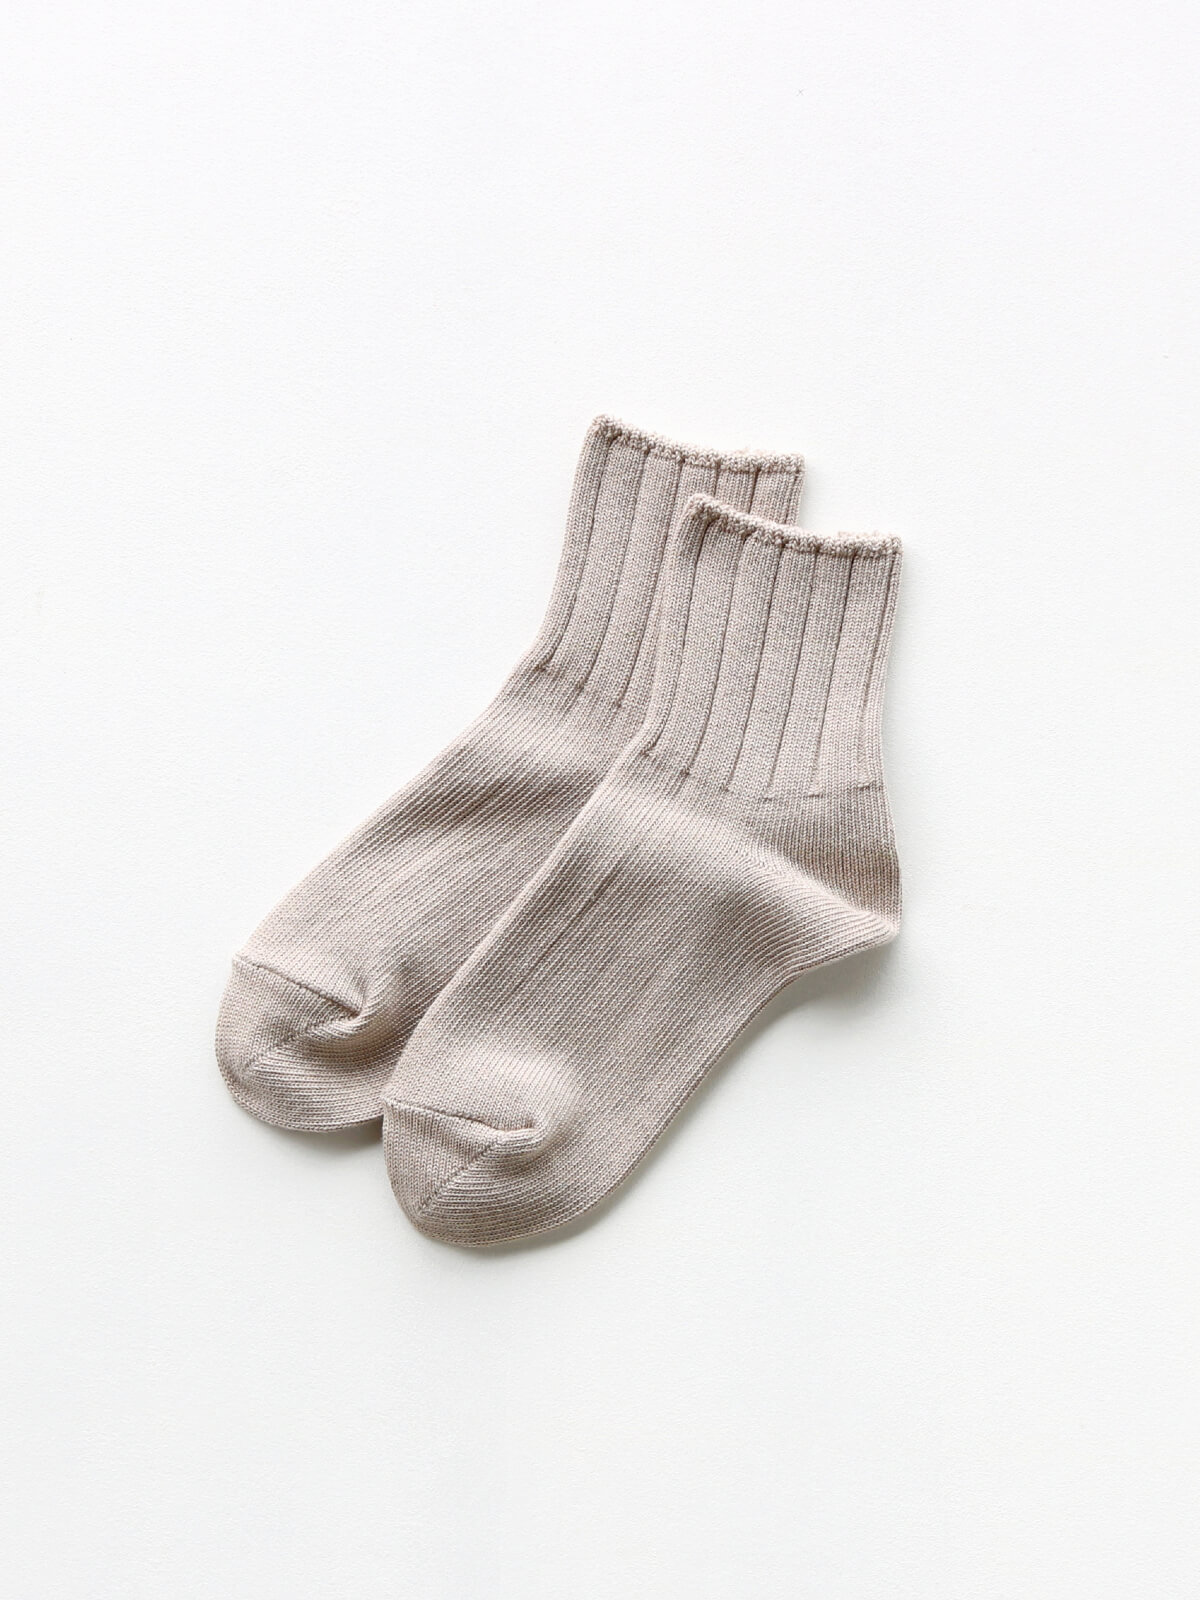 当たりつきギフト専用靴下のLUCKY SOCKS(ラッキーソックス)のSmooth Ankle Socks(スムースアンクルソックス)のグレージュ_2